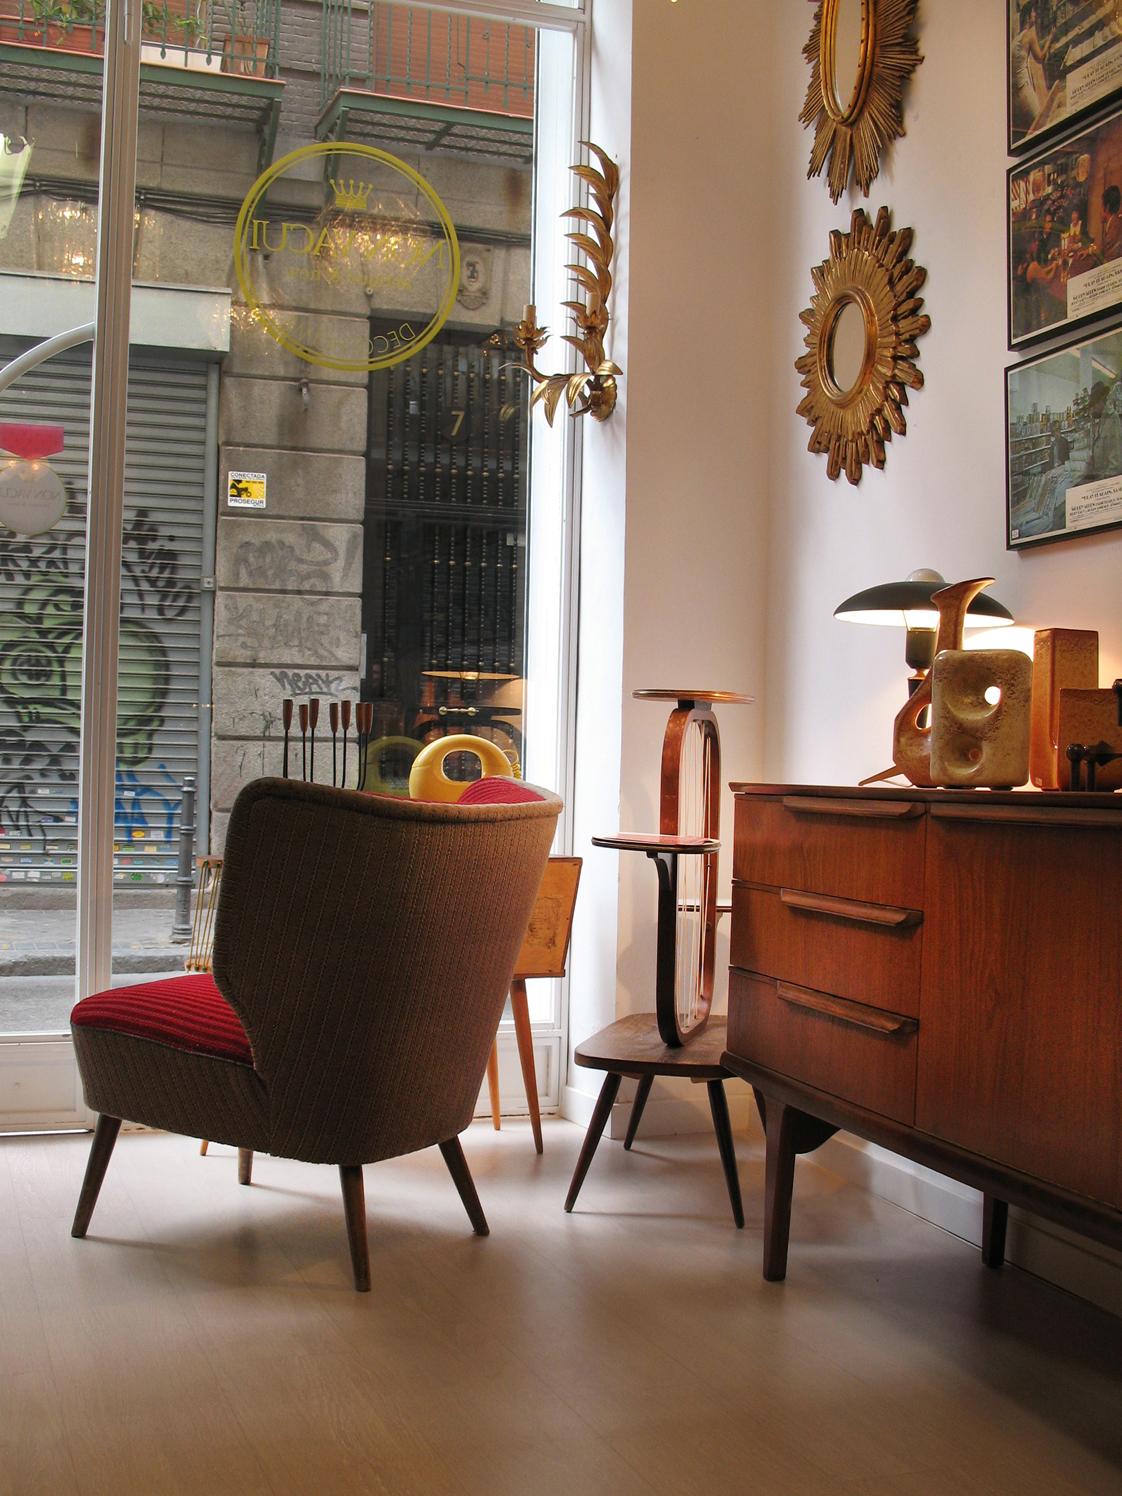 Muebles virgen europolis colecci n de ideas interesantes - Mueble juvenil europolis ...